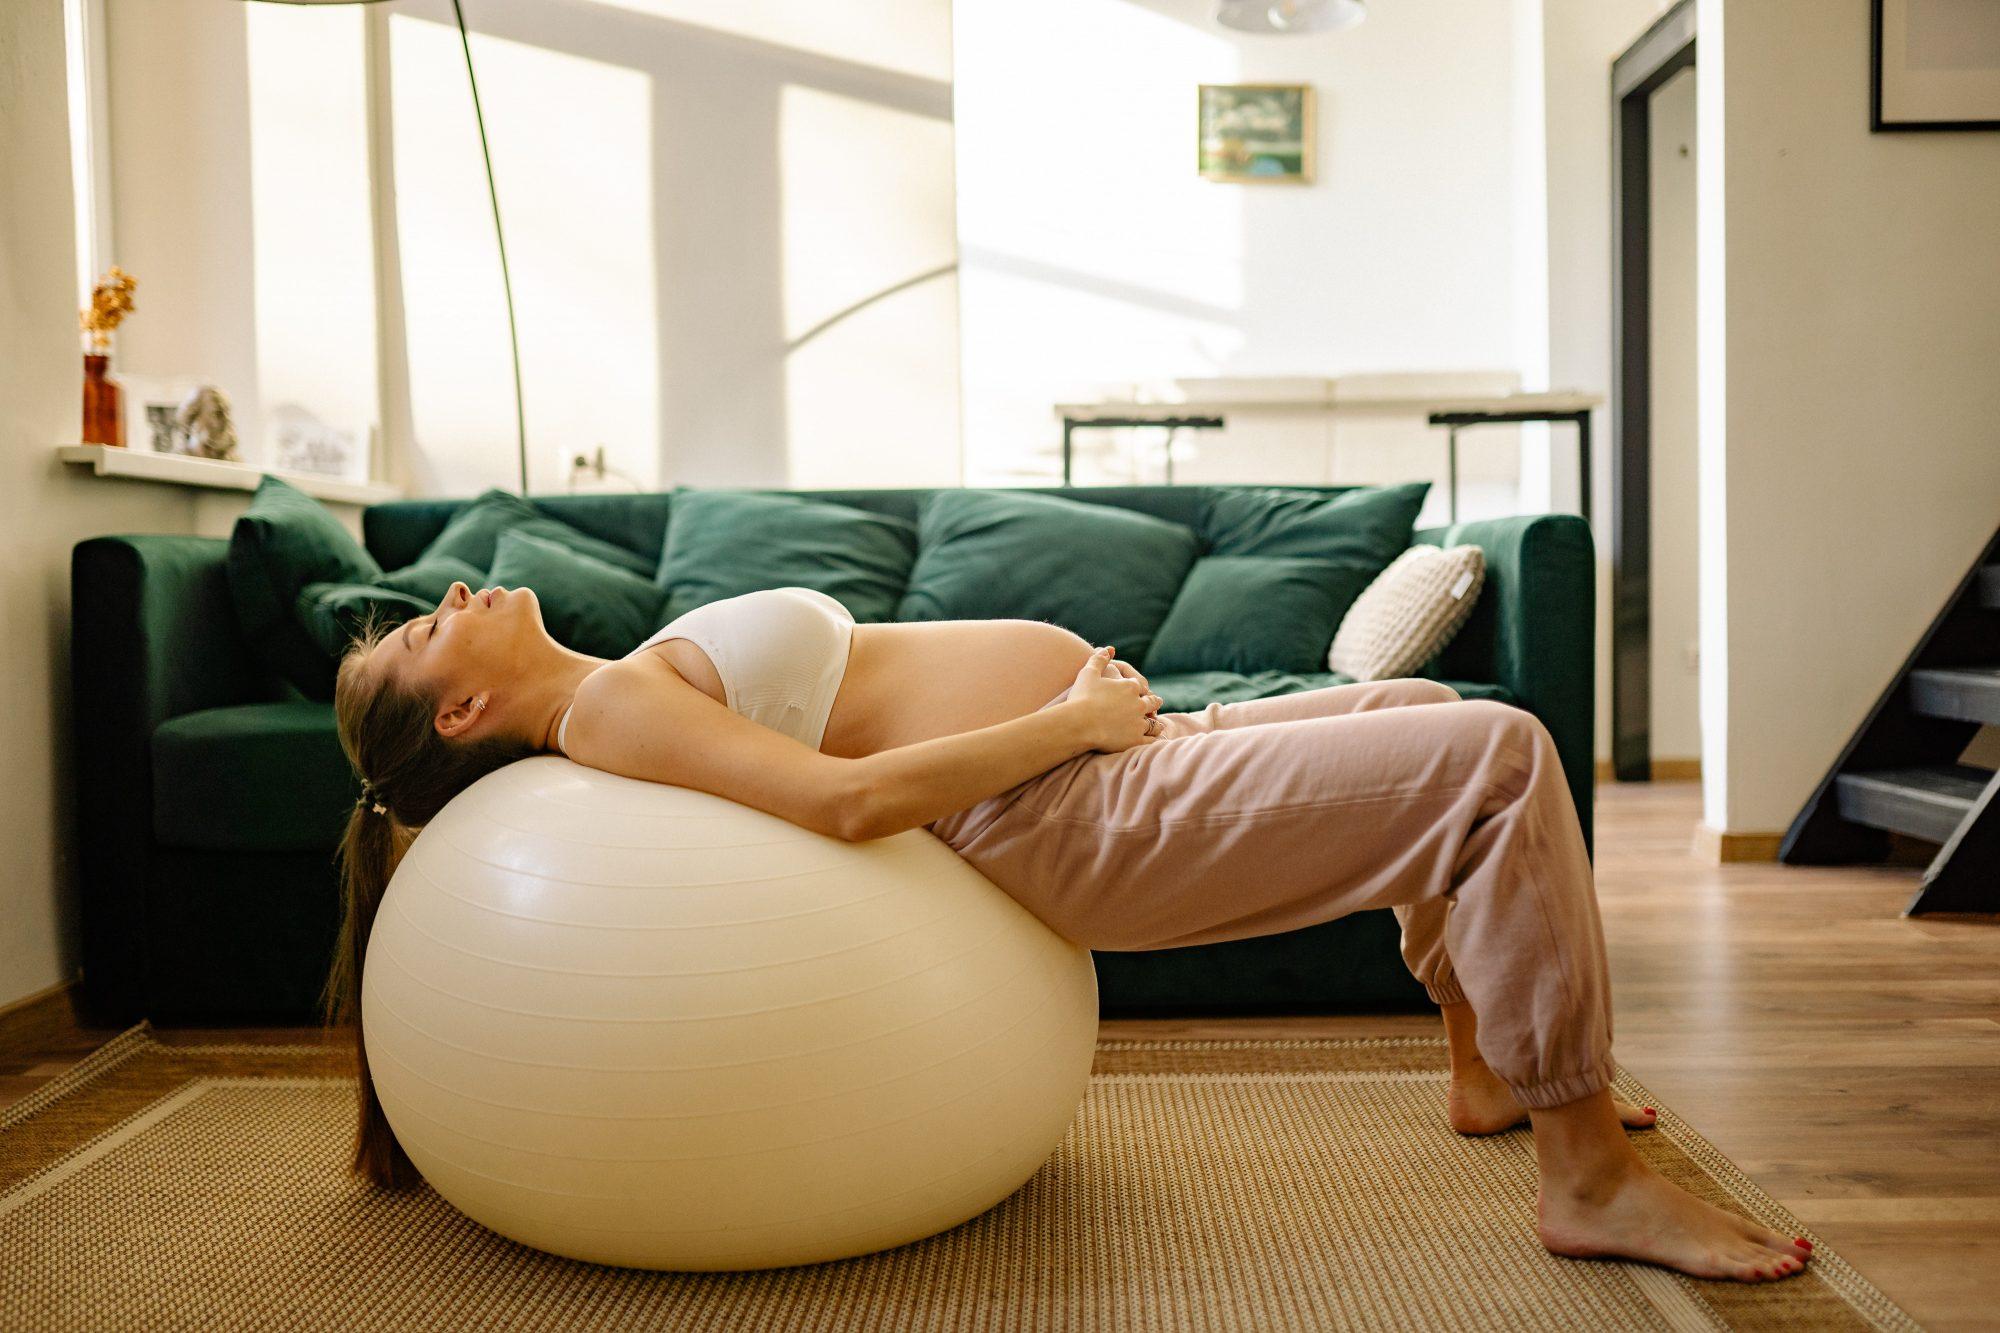 Πόσο ασφαλές είναι τελικά το τρέξιμο κατά τη διάρκεια της εγκυμοσύνηςς Το να αθλείσαι κατά τη διάρκεια της κύησης μπορεί να σου αυξήσει κατά πολύ την ενέργεια και να σε βοηθήσει να διατηρήσεις μία πολύ καλή φυσική κατάσταση. Πόσο πραγματικά ασφαλές είναι το τρέξιμο για μια εγκυμονούσα όμως;